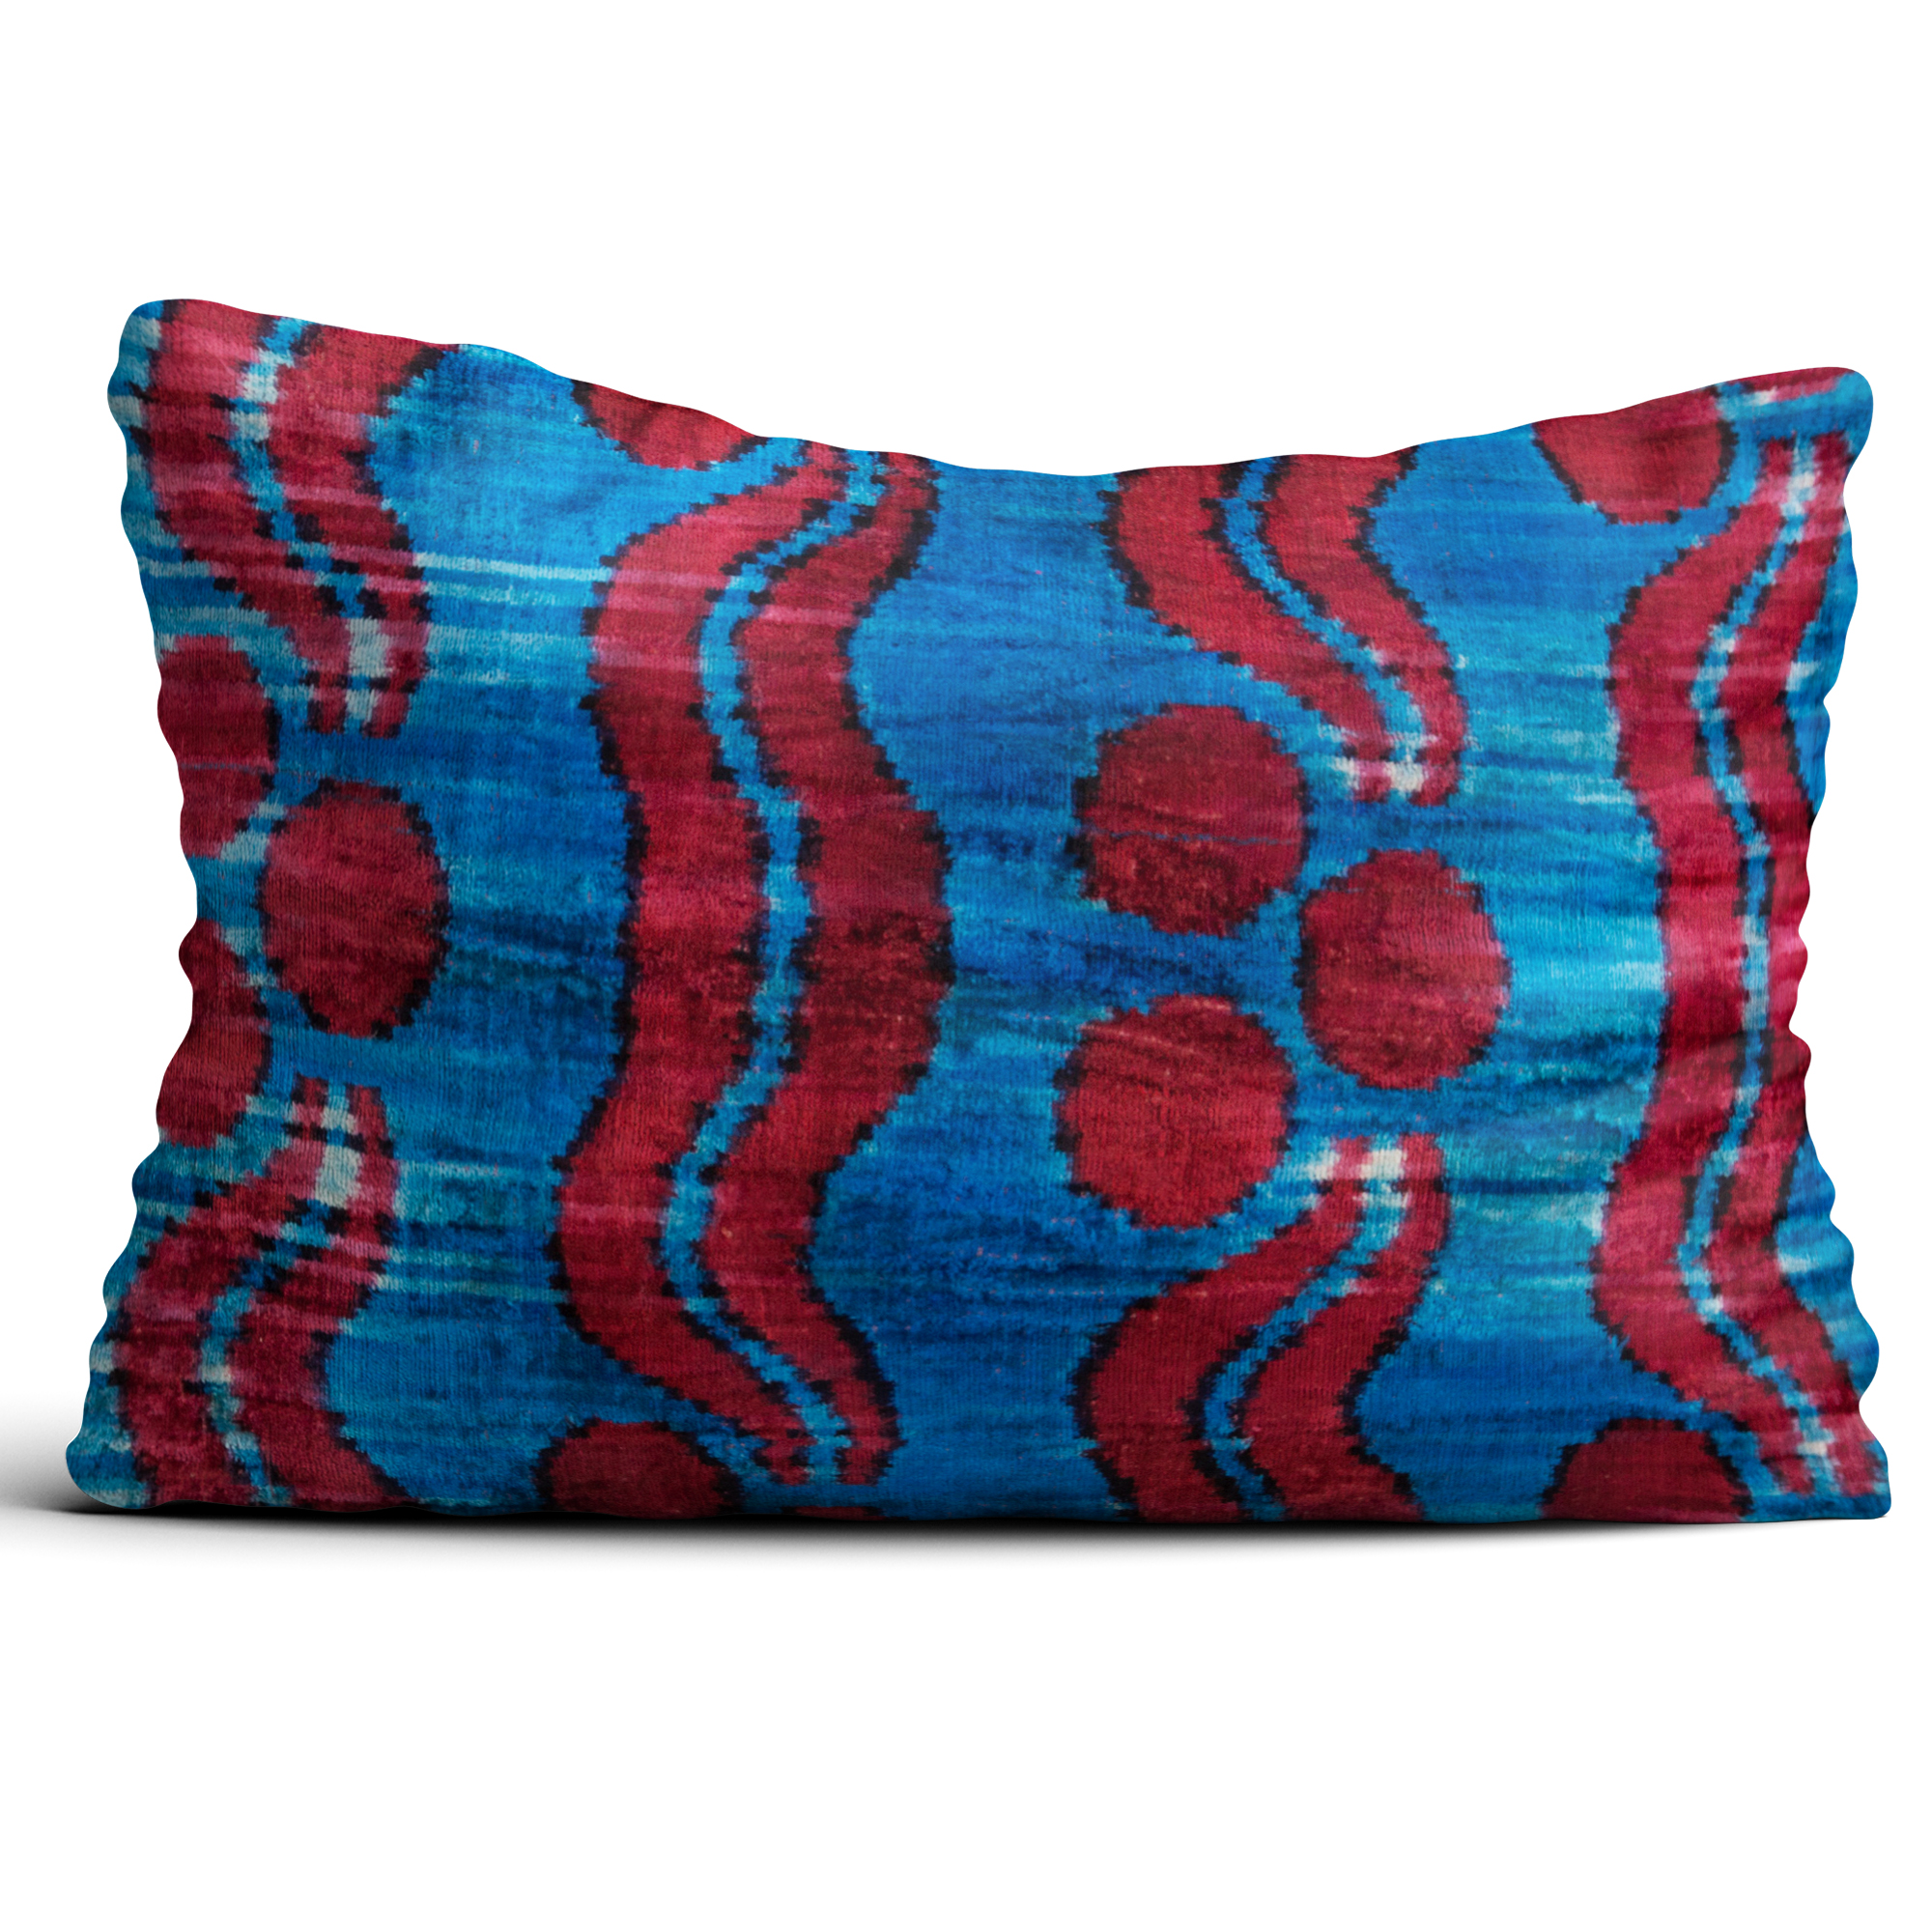 2634-silk-velvet-ikat-pillow